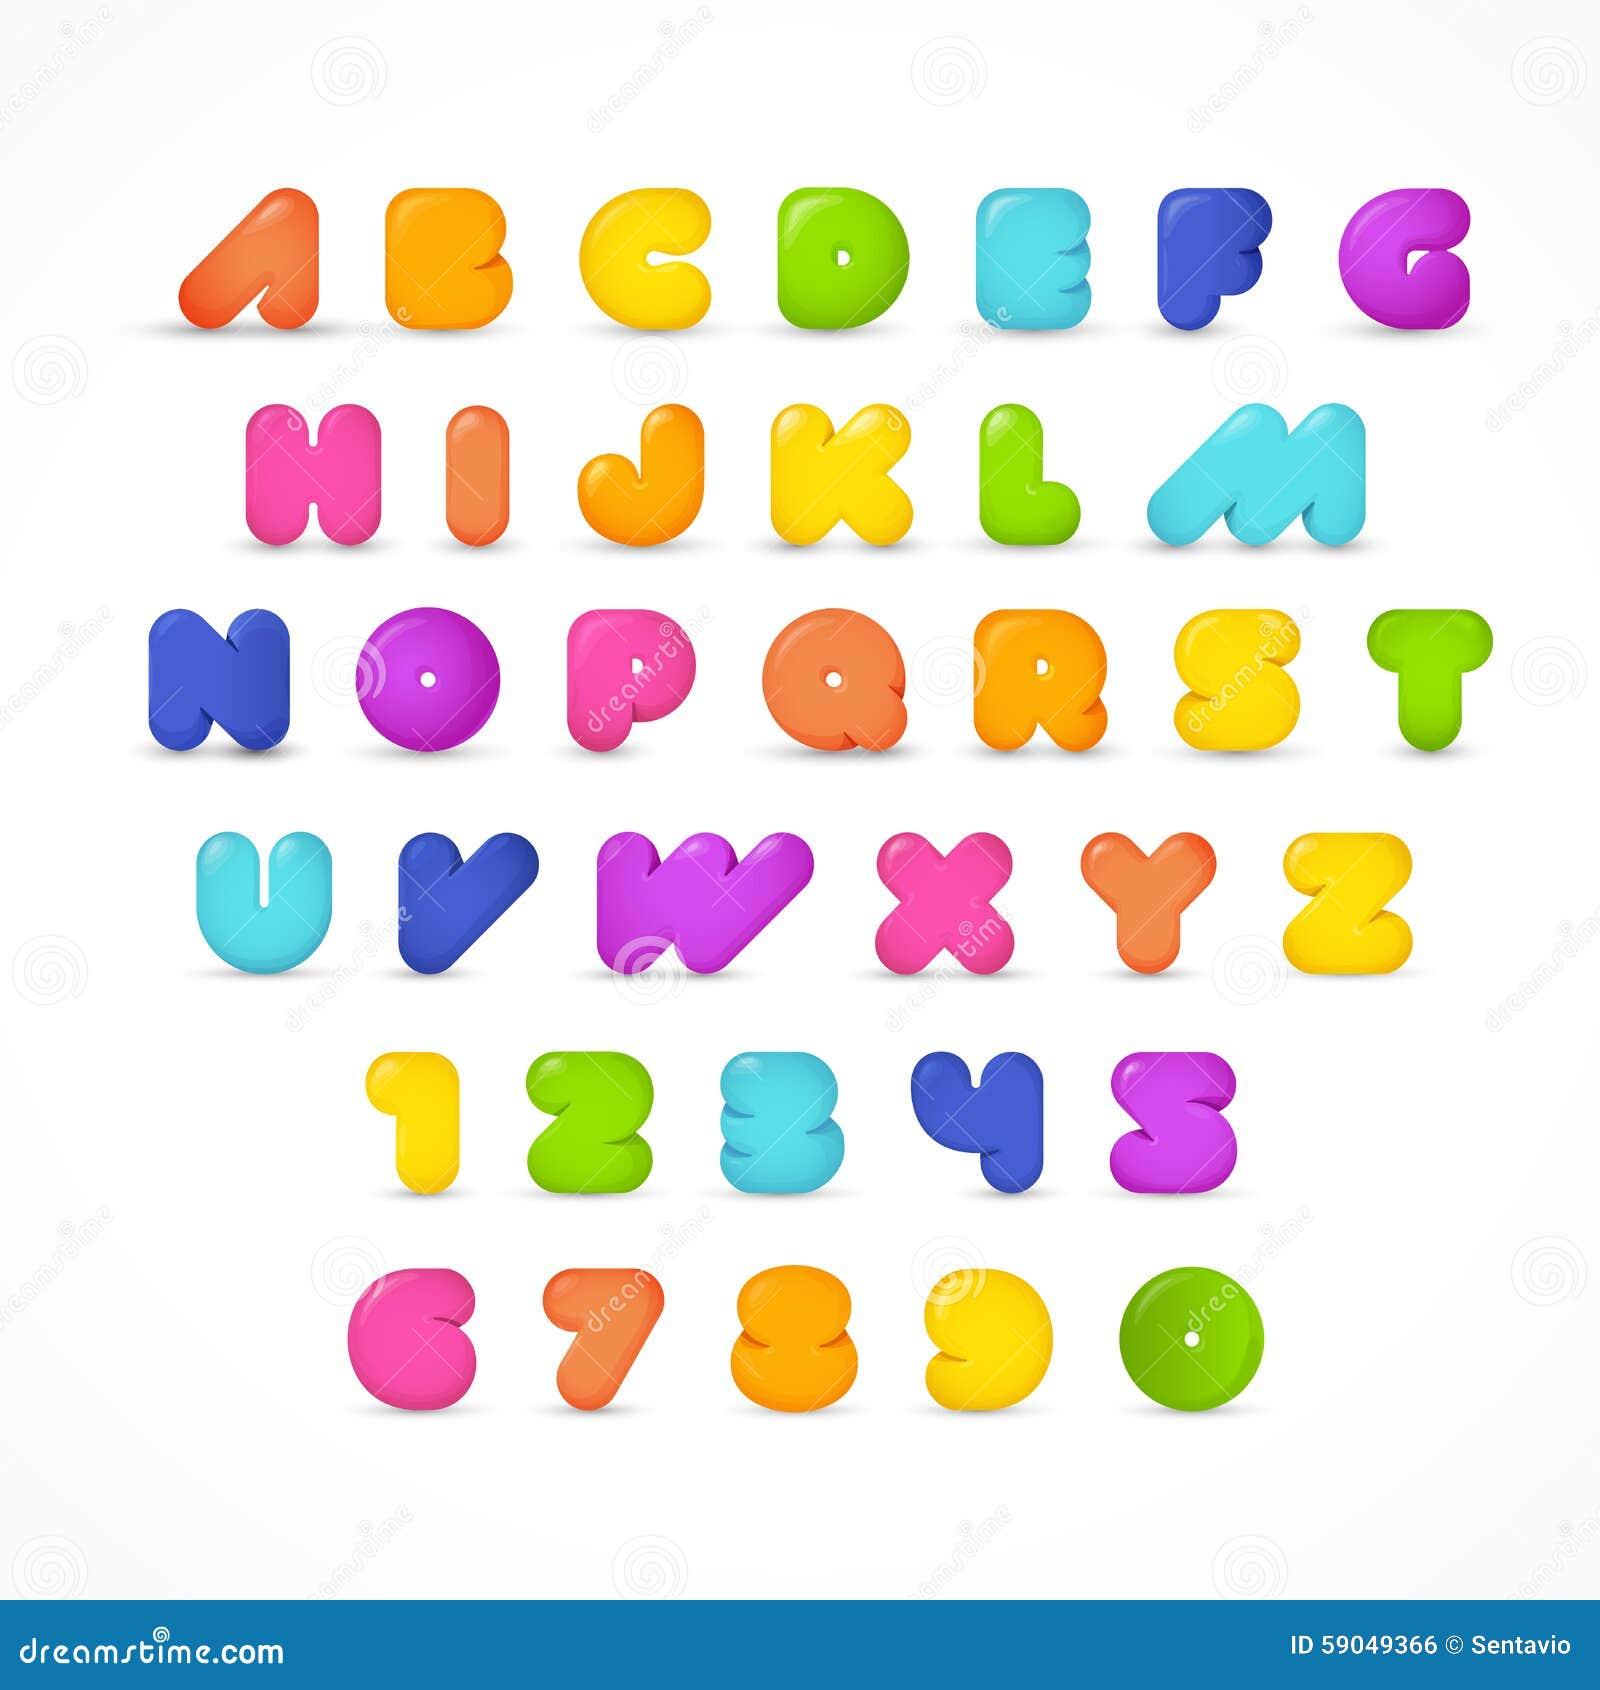 Stylish Gummy ABC Full Font Royalty Free Stock Image